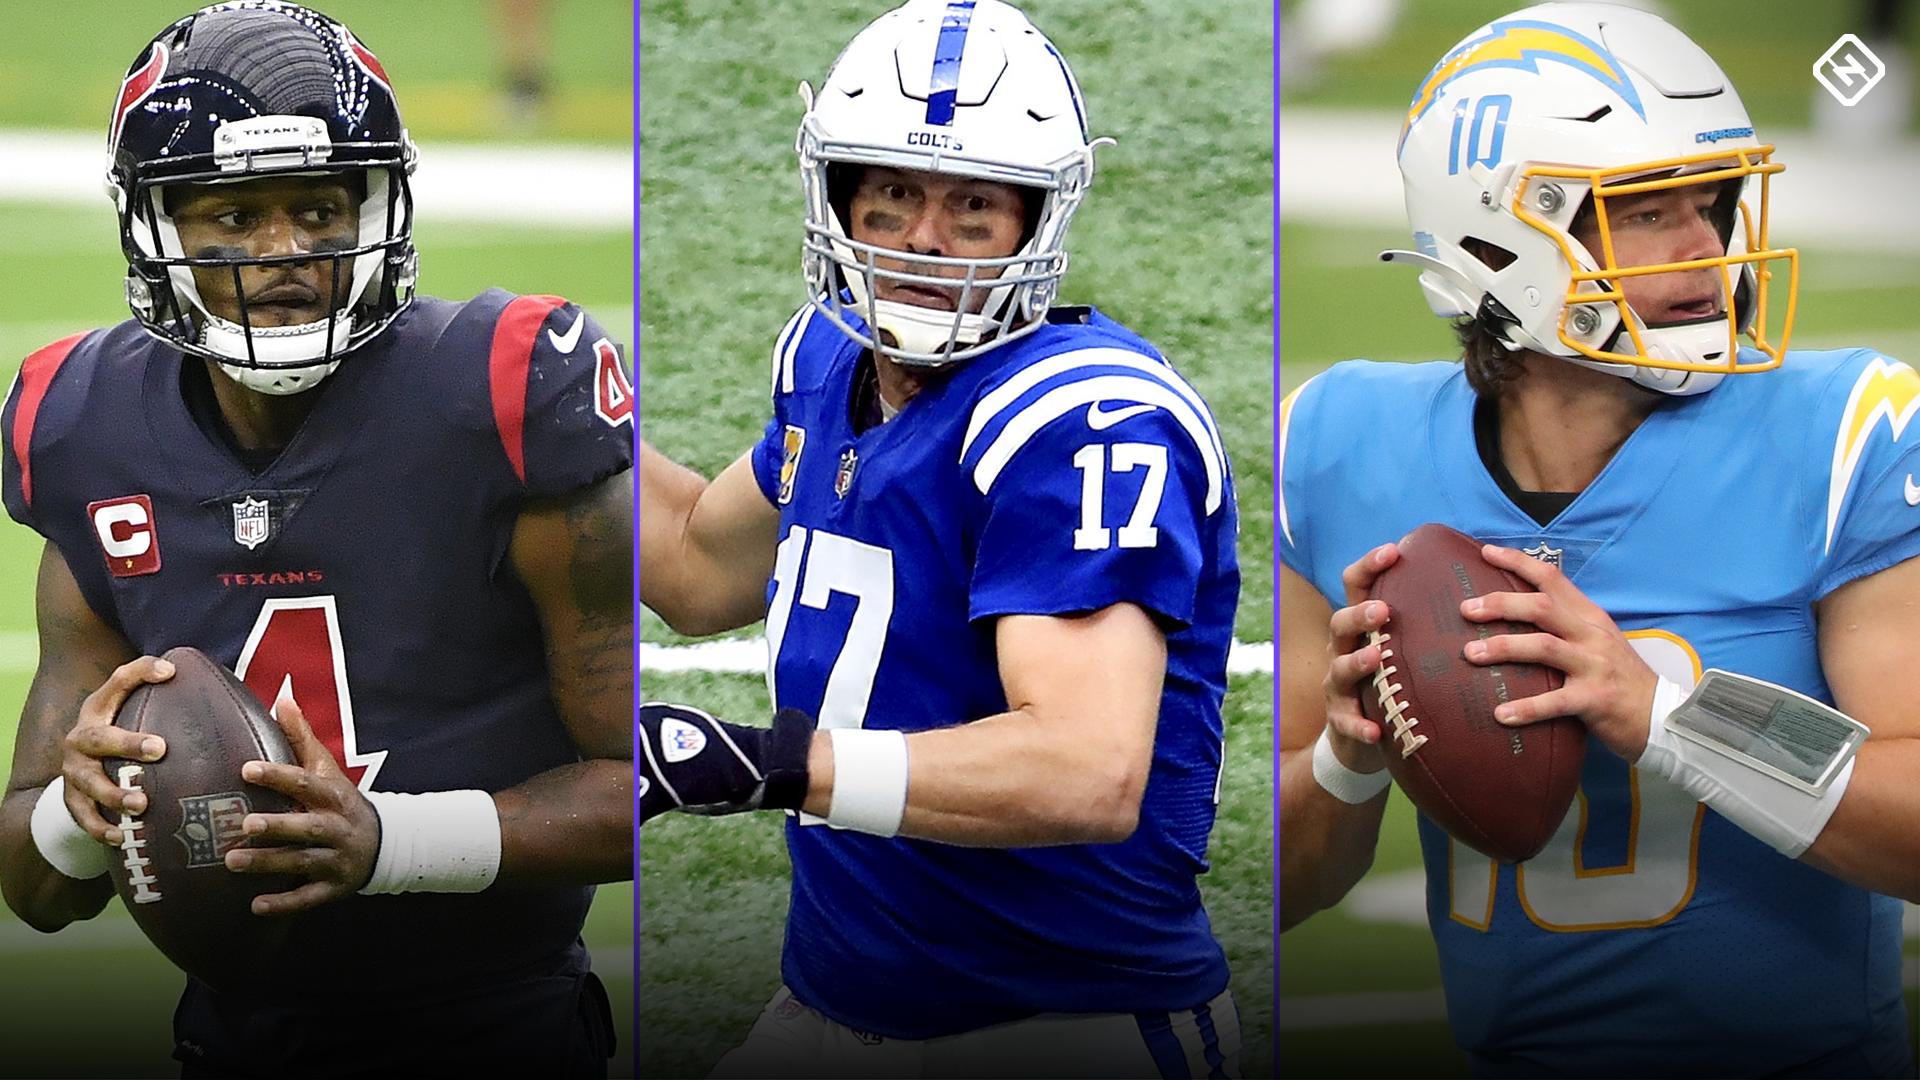 Week 11 NFL Pick 'em, Survivor Pool Picks: Expert advice on favorites, upsets to consider in office pools